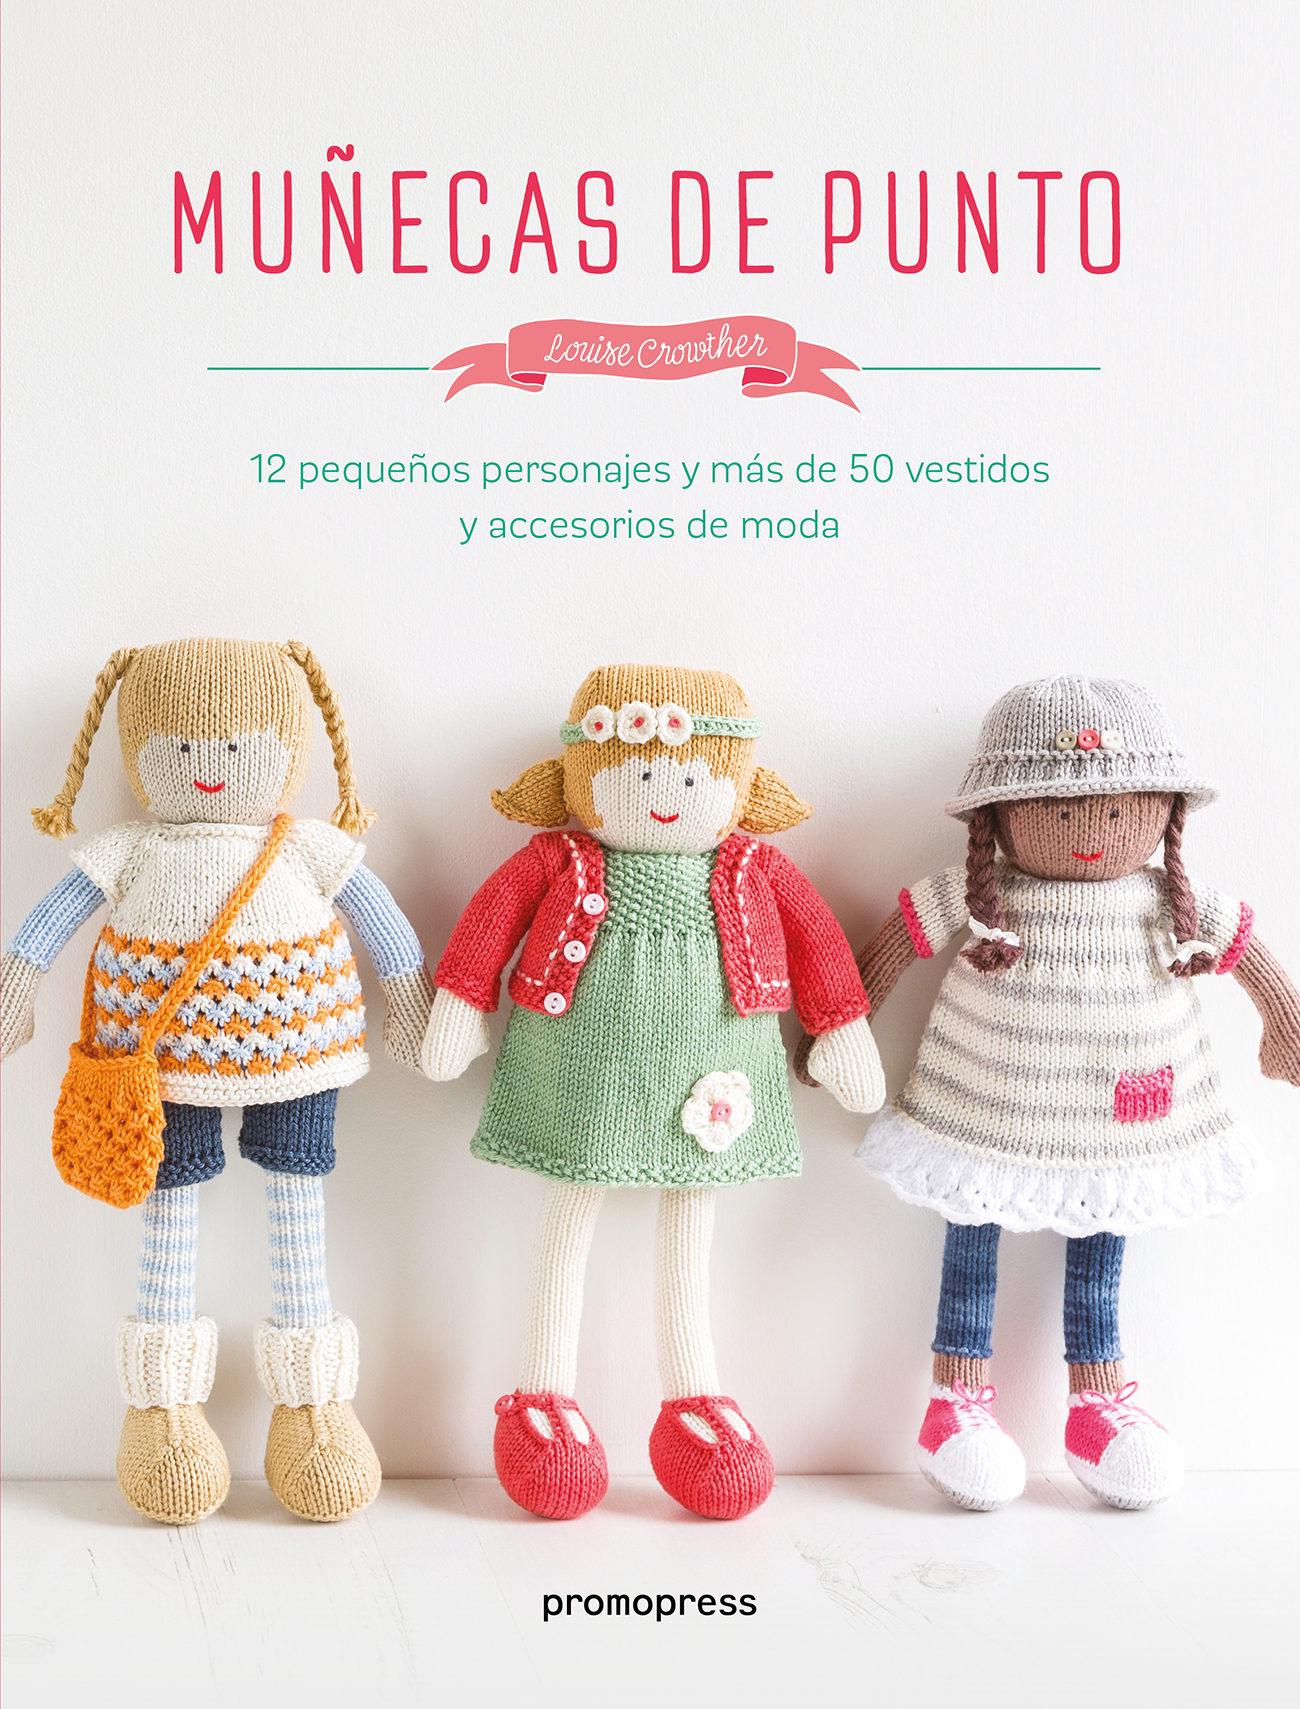 Muñecas de punto